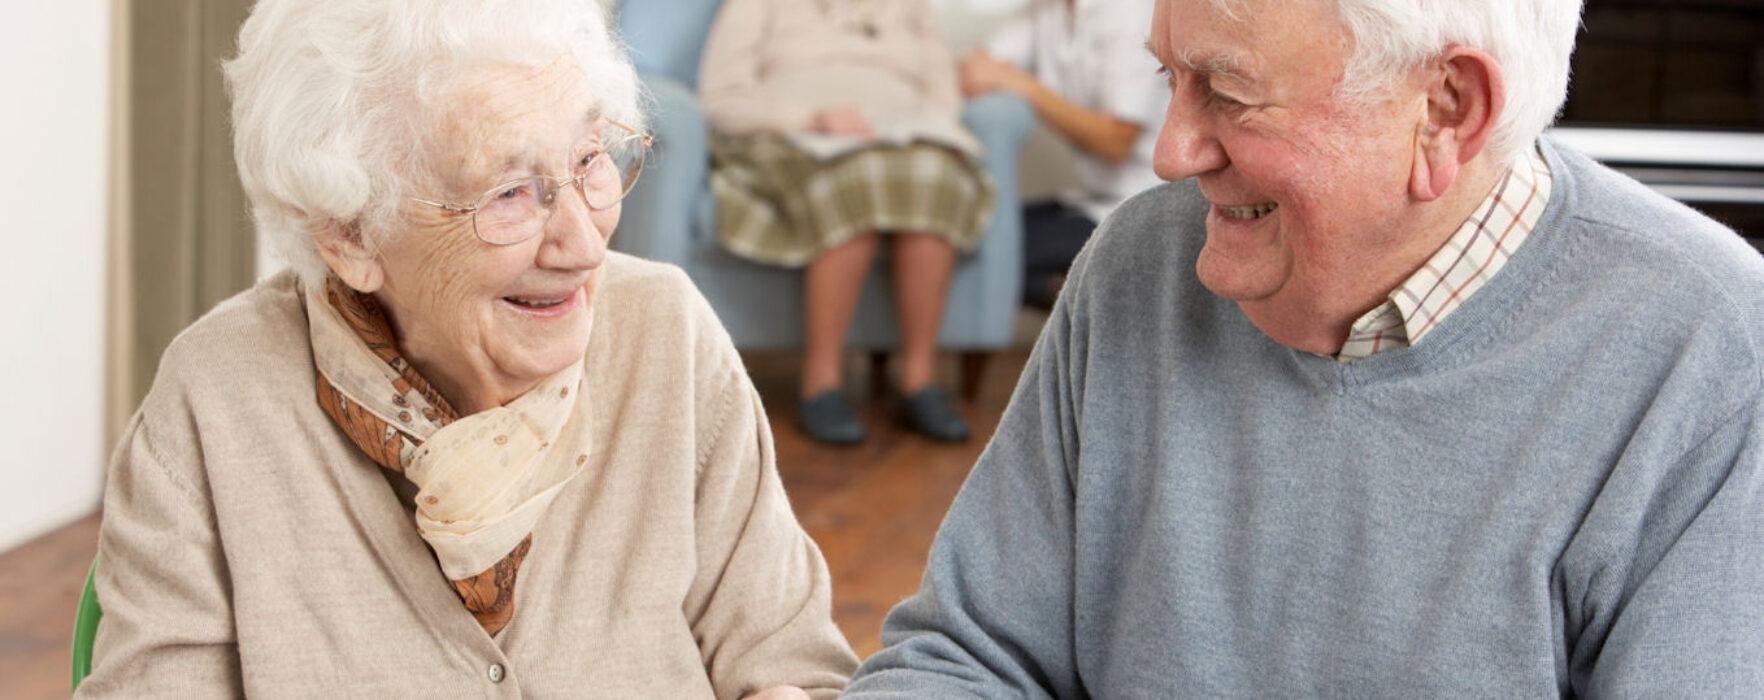 Se caută îngrijitor bătrân la domiciliu în Marea Britanie, salariu 7,7 lire pe oră